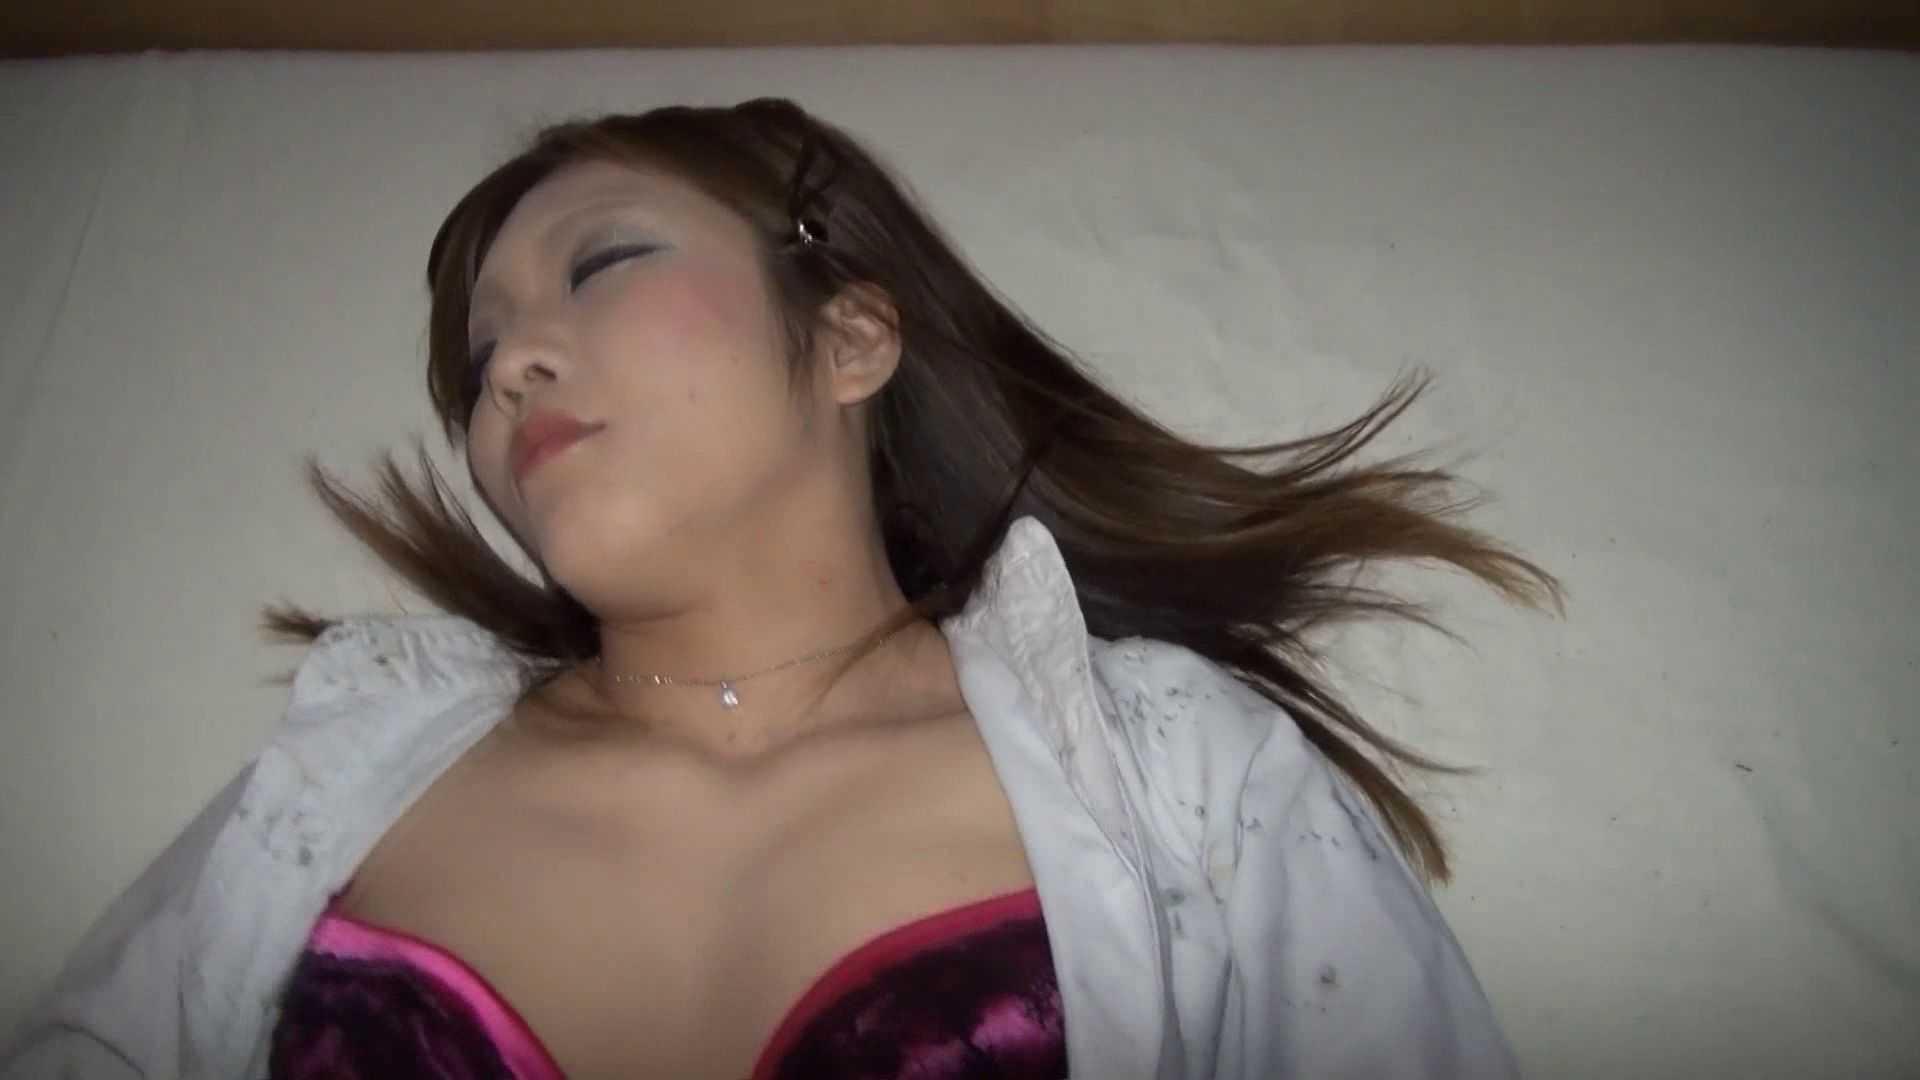 変態ギャル姫のH Vol.08 前編 OLエロ画像 隠し撮りすけべAV動画紹介 34PICs 14